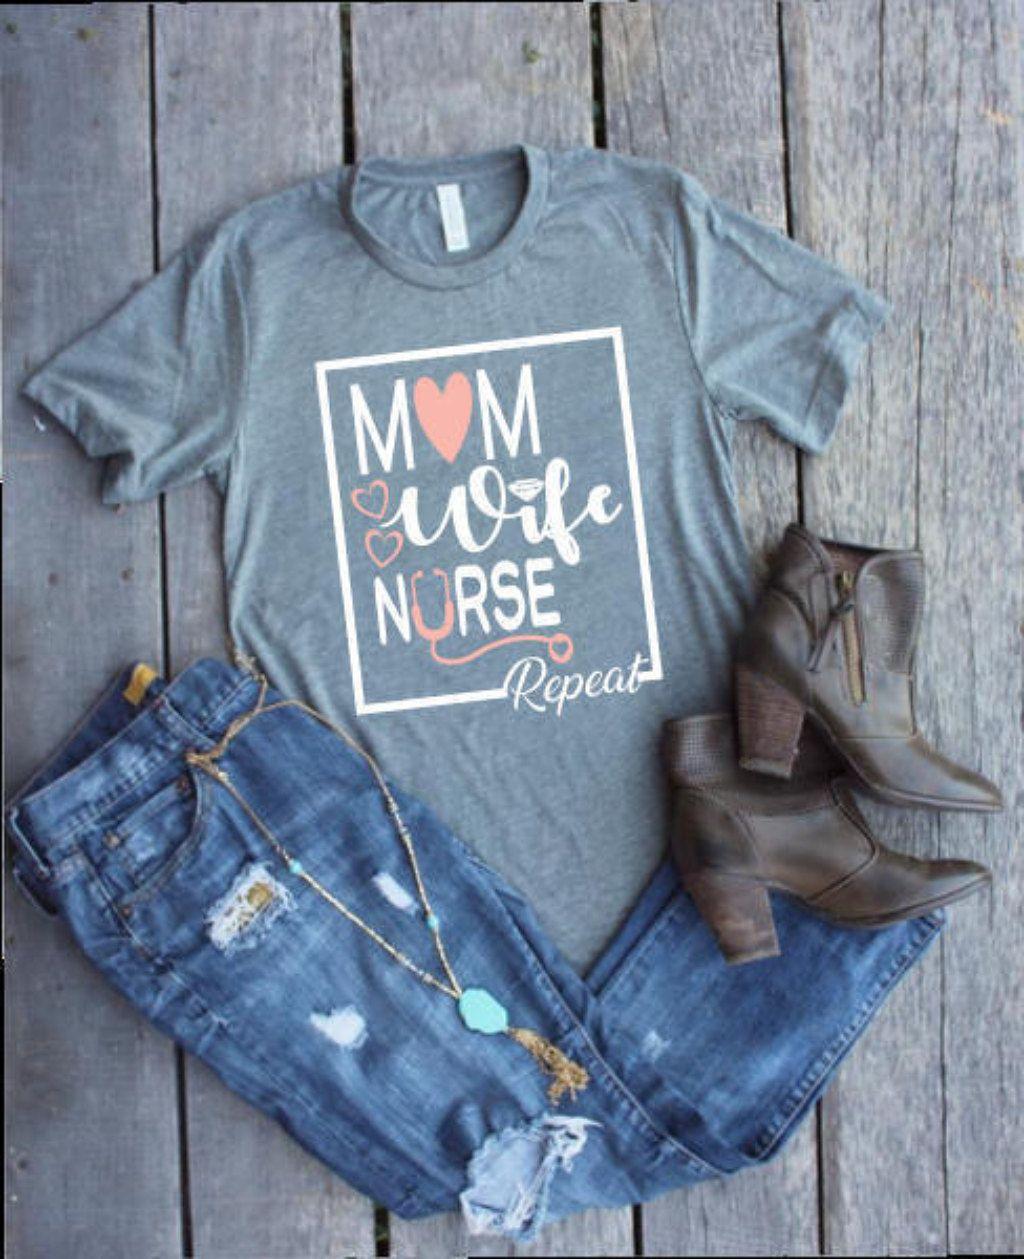 e2f1d07a6af Nurse Shirts, Mom Wife Nurse Repeat Shirt, Mom Nurse, Mom RN, Registered Nurse  Shirt, LPN Shirt, Nurse Tees, Mom Wife Nurse Tee, Stethoscope Shirt, ...